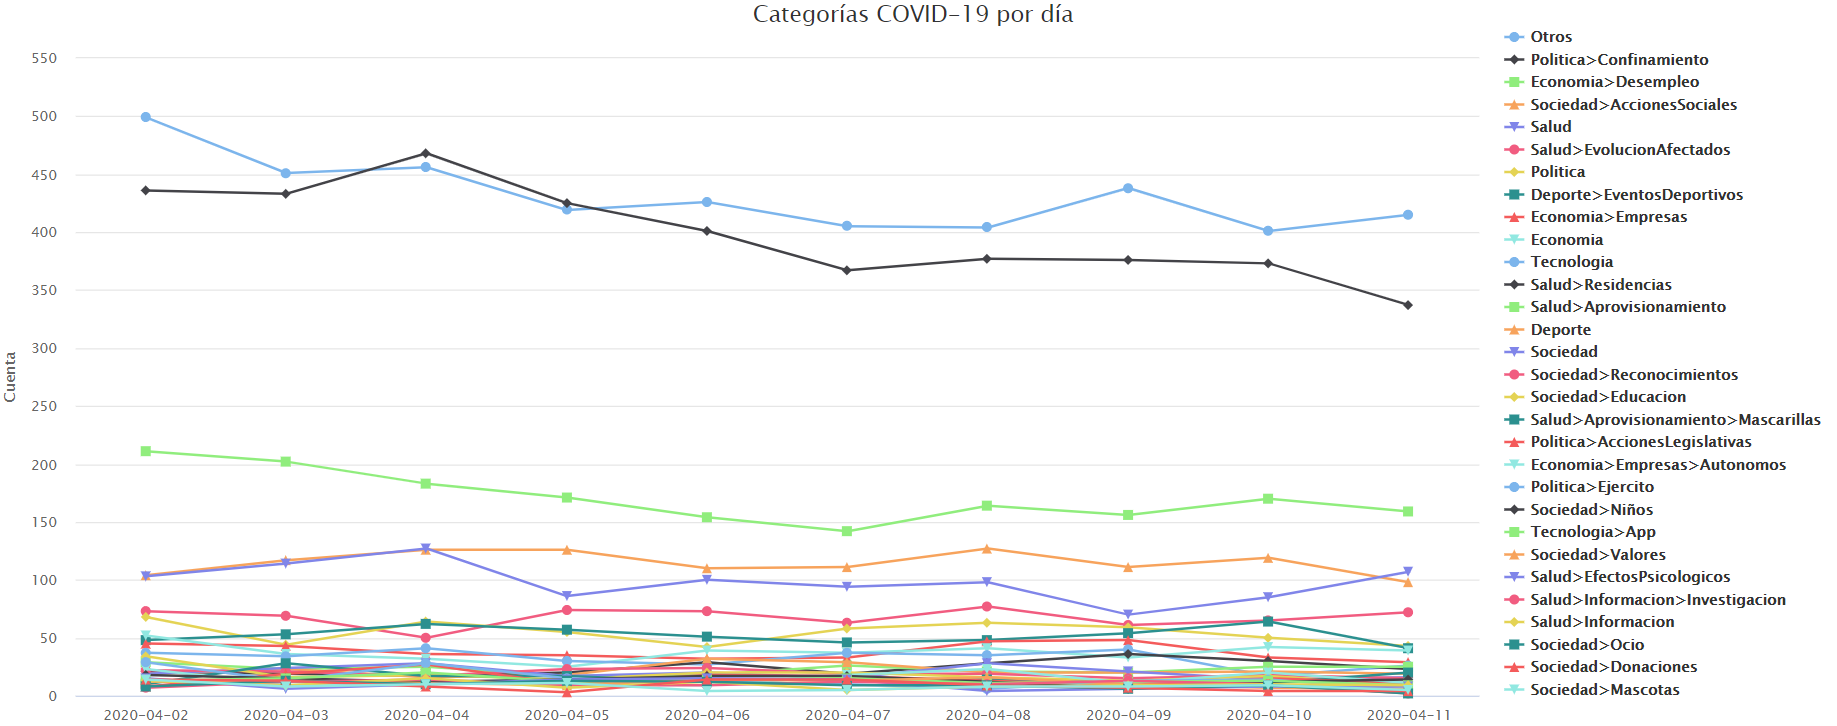 Evolución de las categorías en España por día